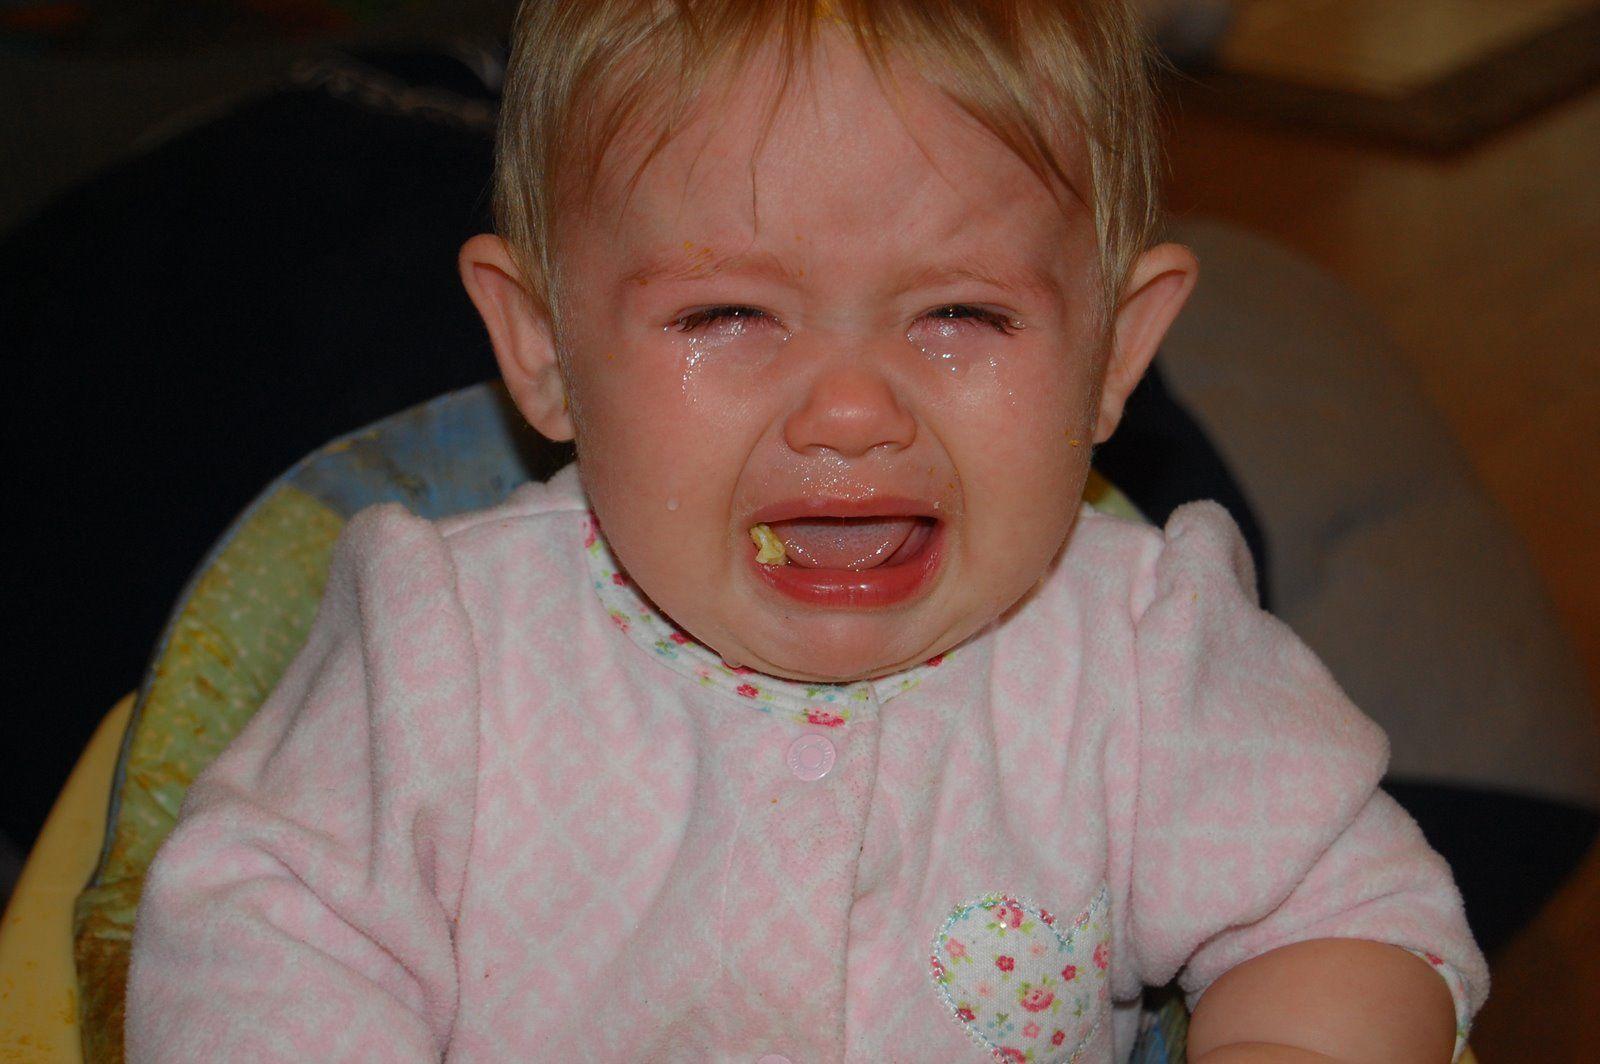 Sad Baby Faces Wallpaper - http://wallpaperzoo.com/sad ...